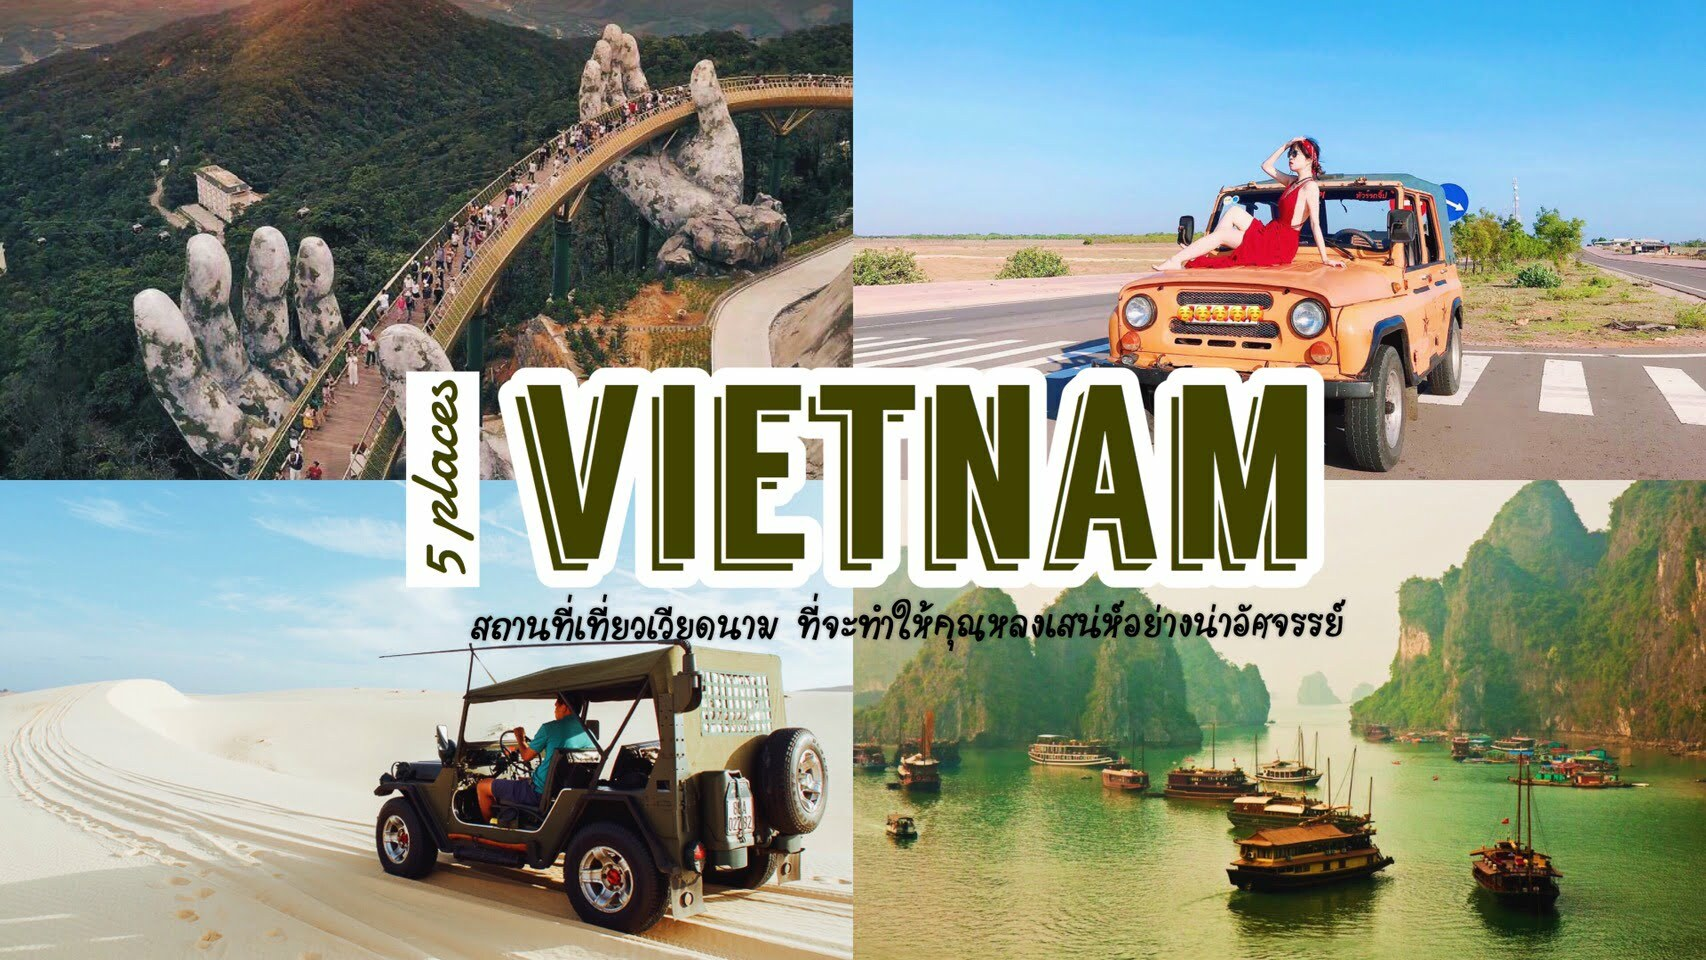 ทัวร์เวียดนาม – เที่ยวเวียดนามกับ 5 สถานที่ ที่จะทำให้คุณหลงมนตร์เสน่ห์อย่างน่ามหัศจรรย์